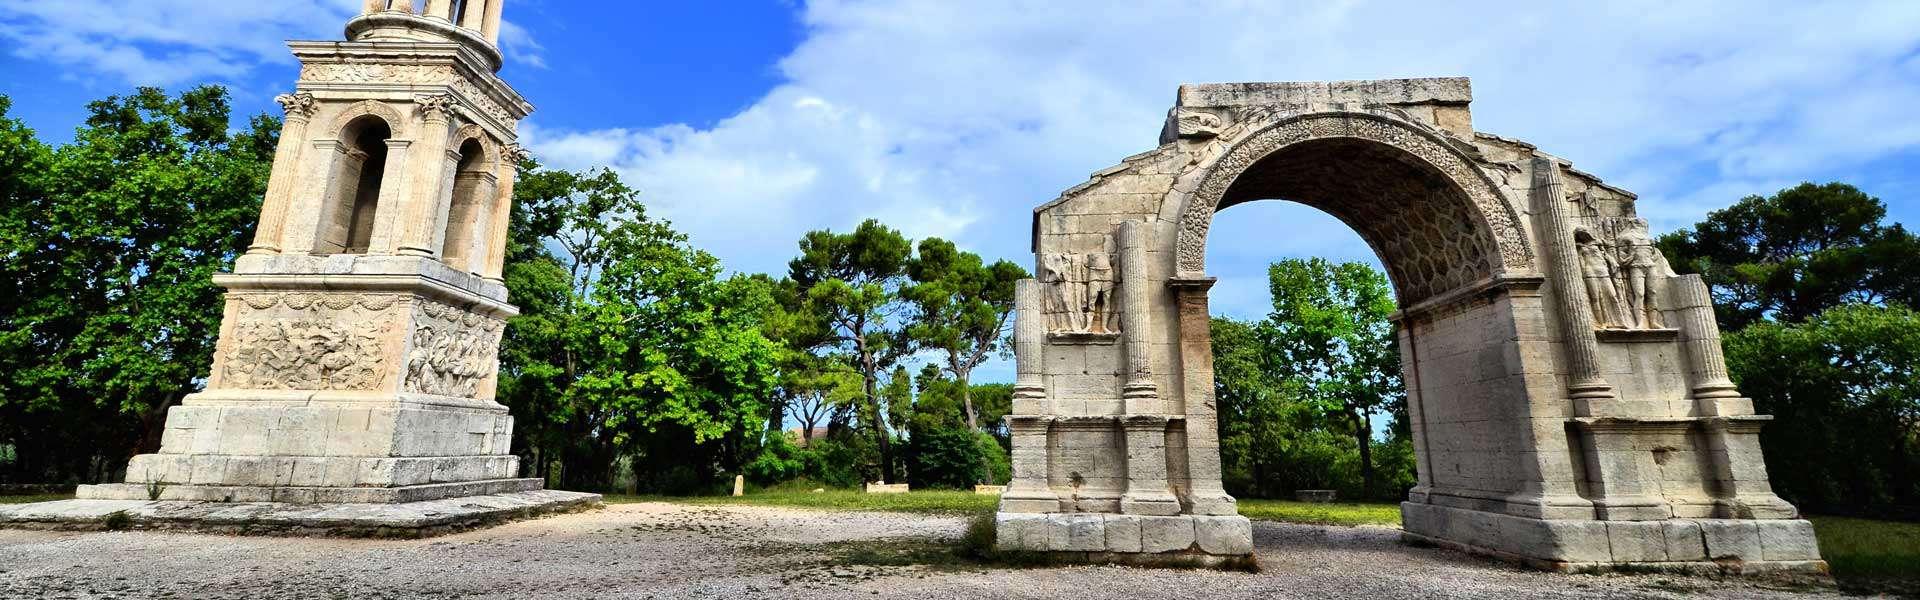 Spannende Geschichte Hannah erleben: Die Ausgrabungen der Stadt Glanum